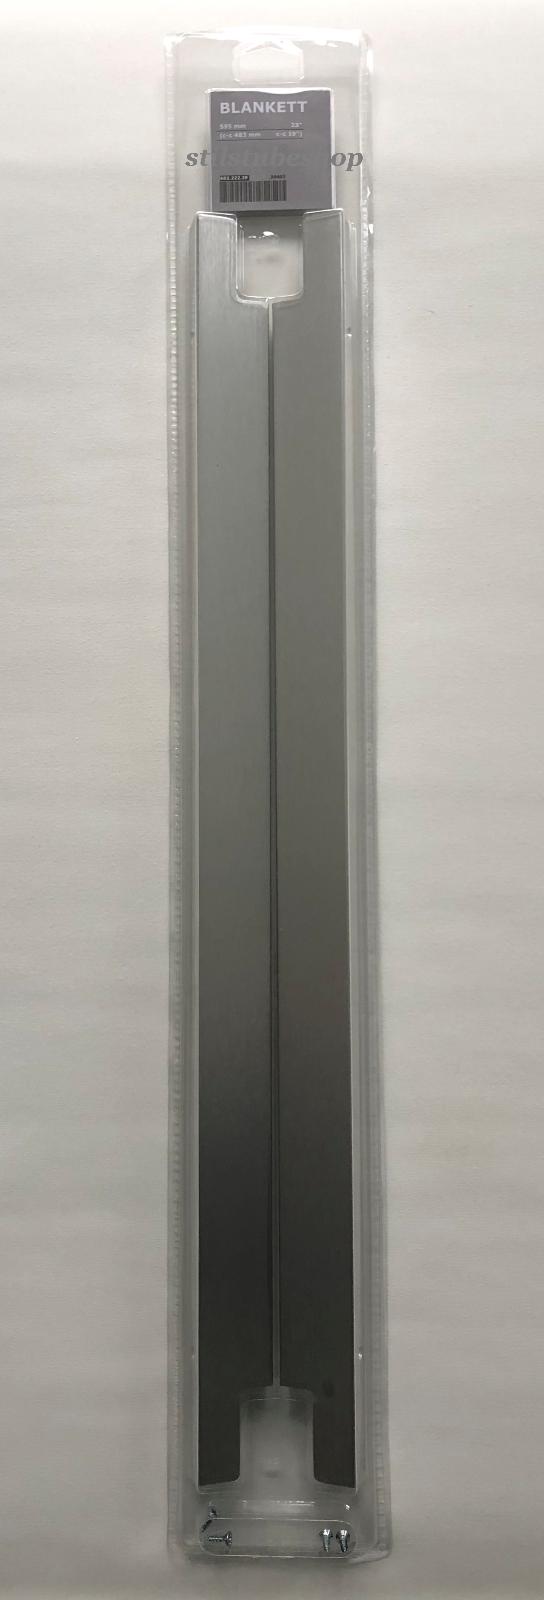 Full Size of 2 Ikea Blankett Mbelgriffe Griff Griffe Alu 595 Mm Betten 160x200 Bei Küche Kaufen Kosten Modulküche Sofa Mit Schlaffunktion Möbelgriffe Miniküche Wohnzimmer Möbelgriffe Ikea